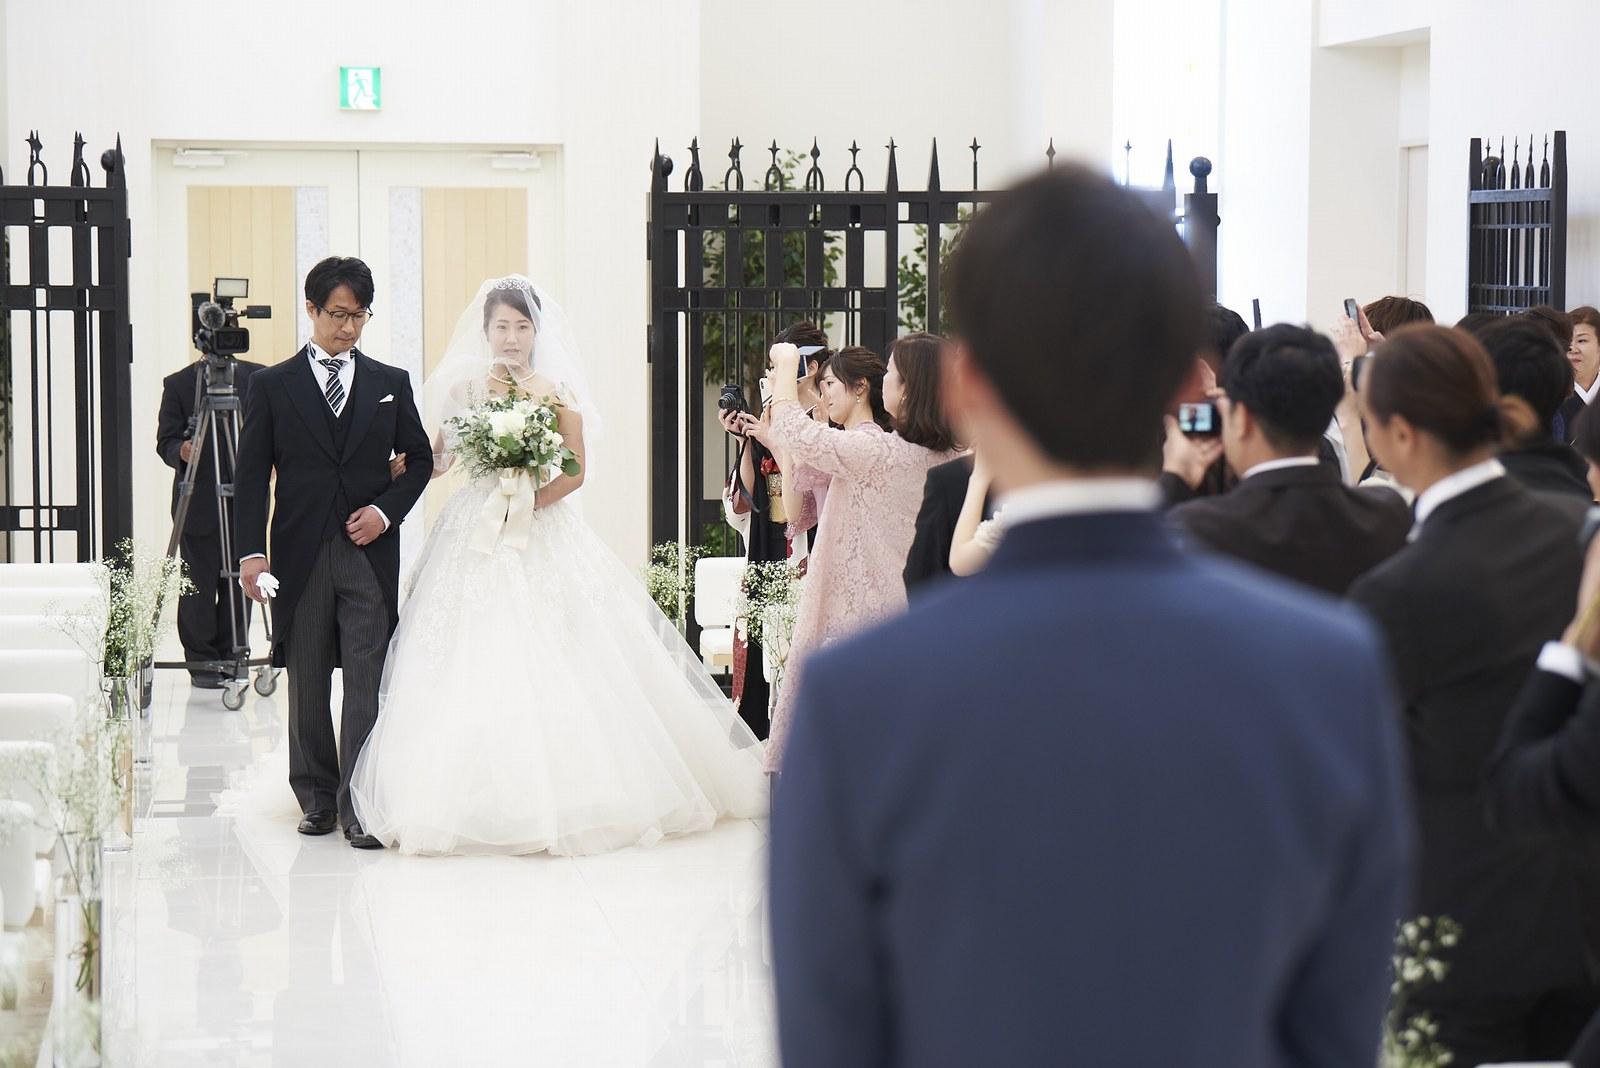 徳島市の結婚式場ブランアンジュのバージンロード